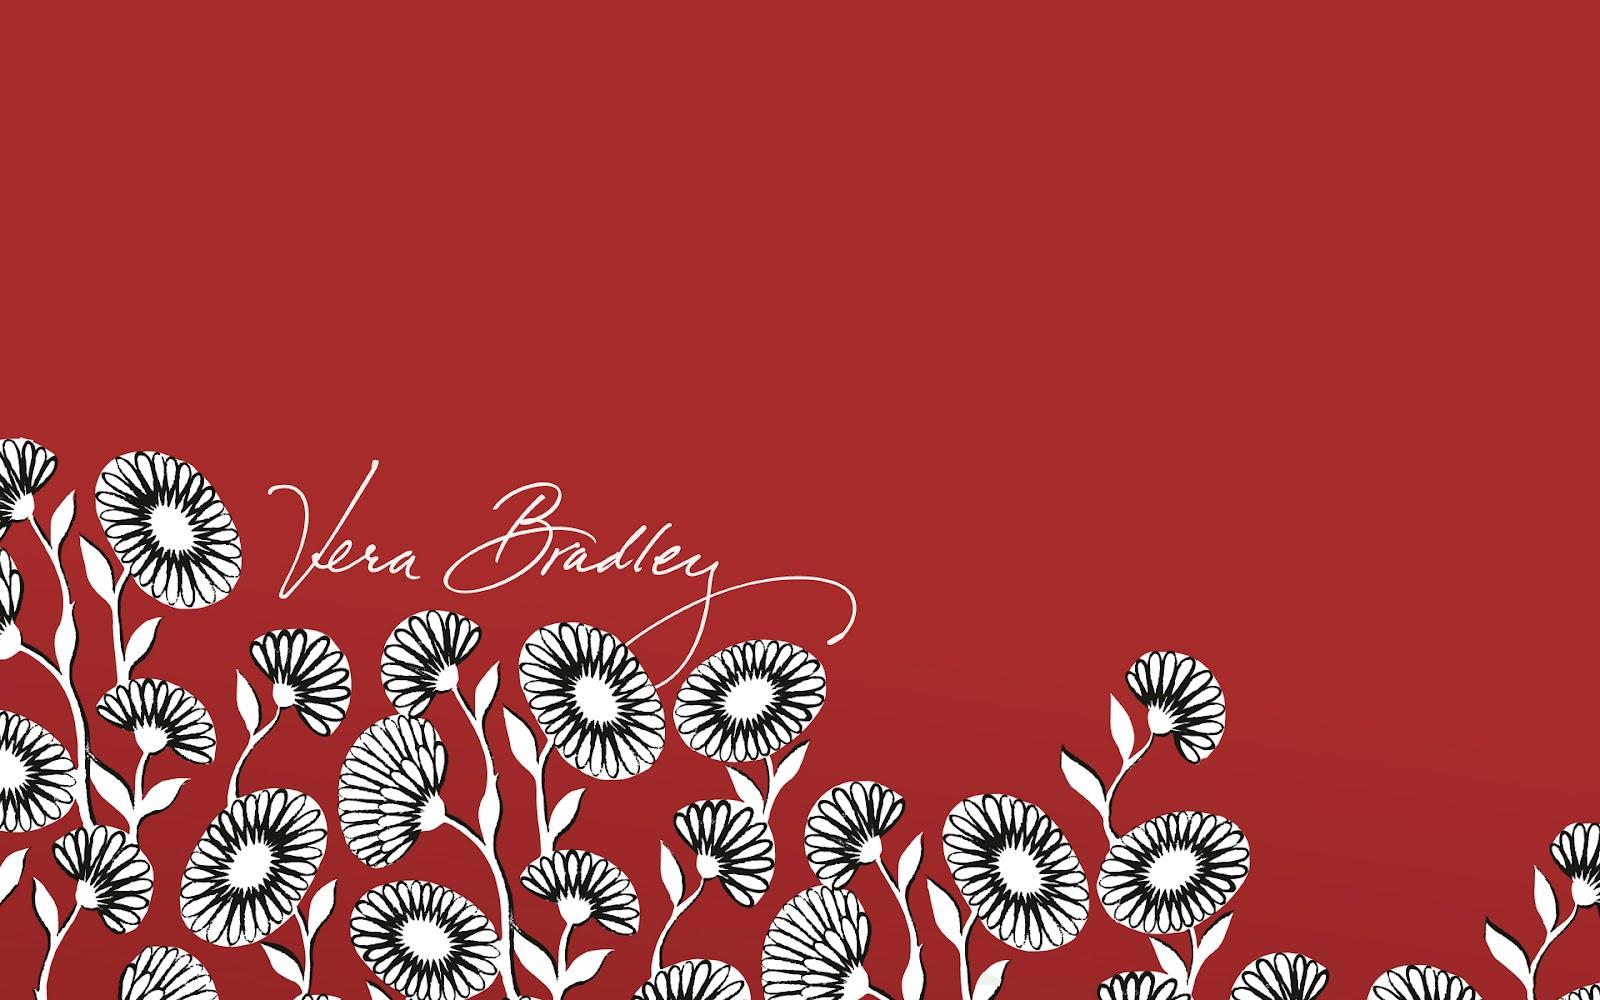 Vera Bradley Wallpaper Backgrounds Wallpapersafari